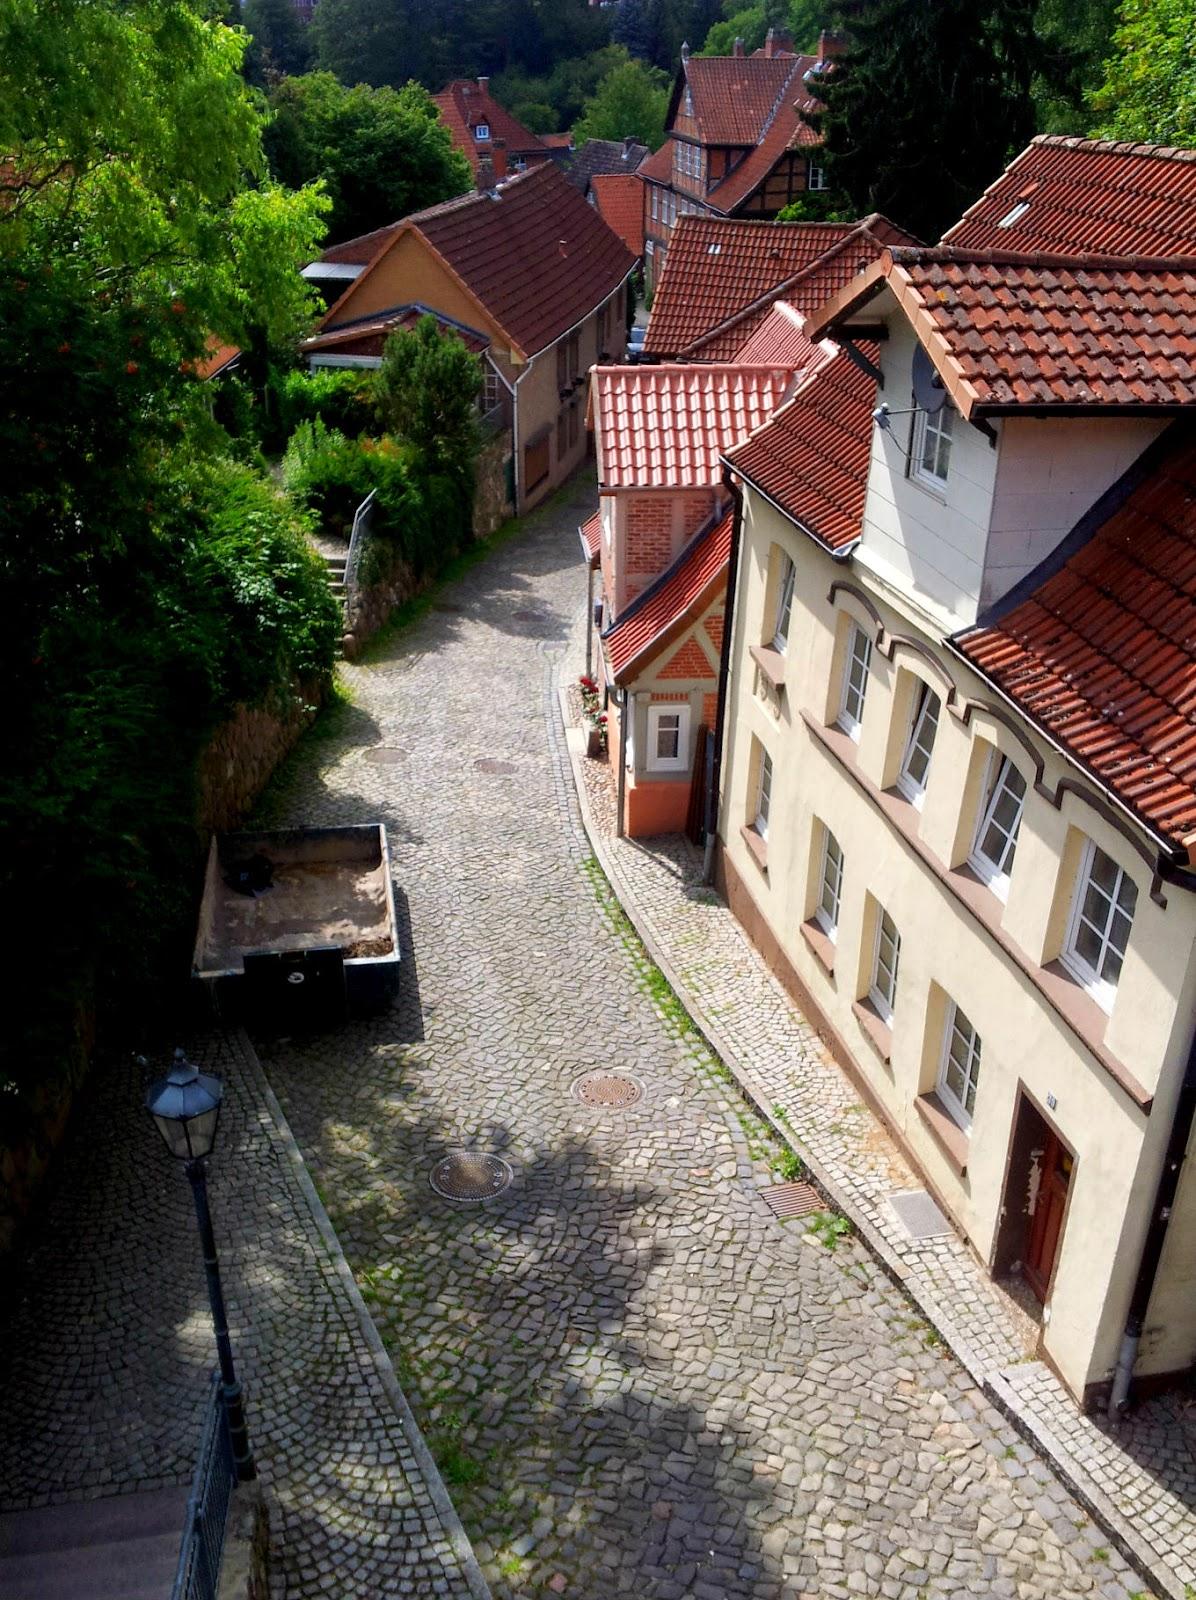 Lauenburg street